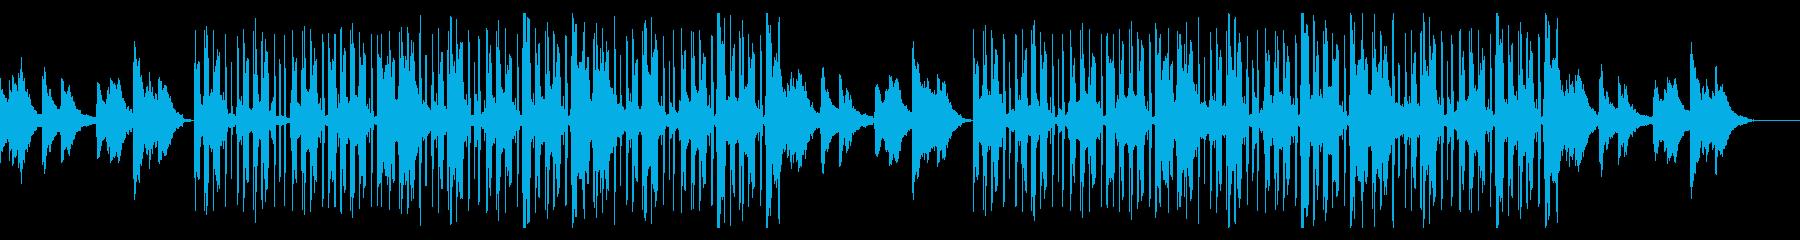 ギターとピアノの静かなチル・ヒップホップの再生済みの波形